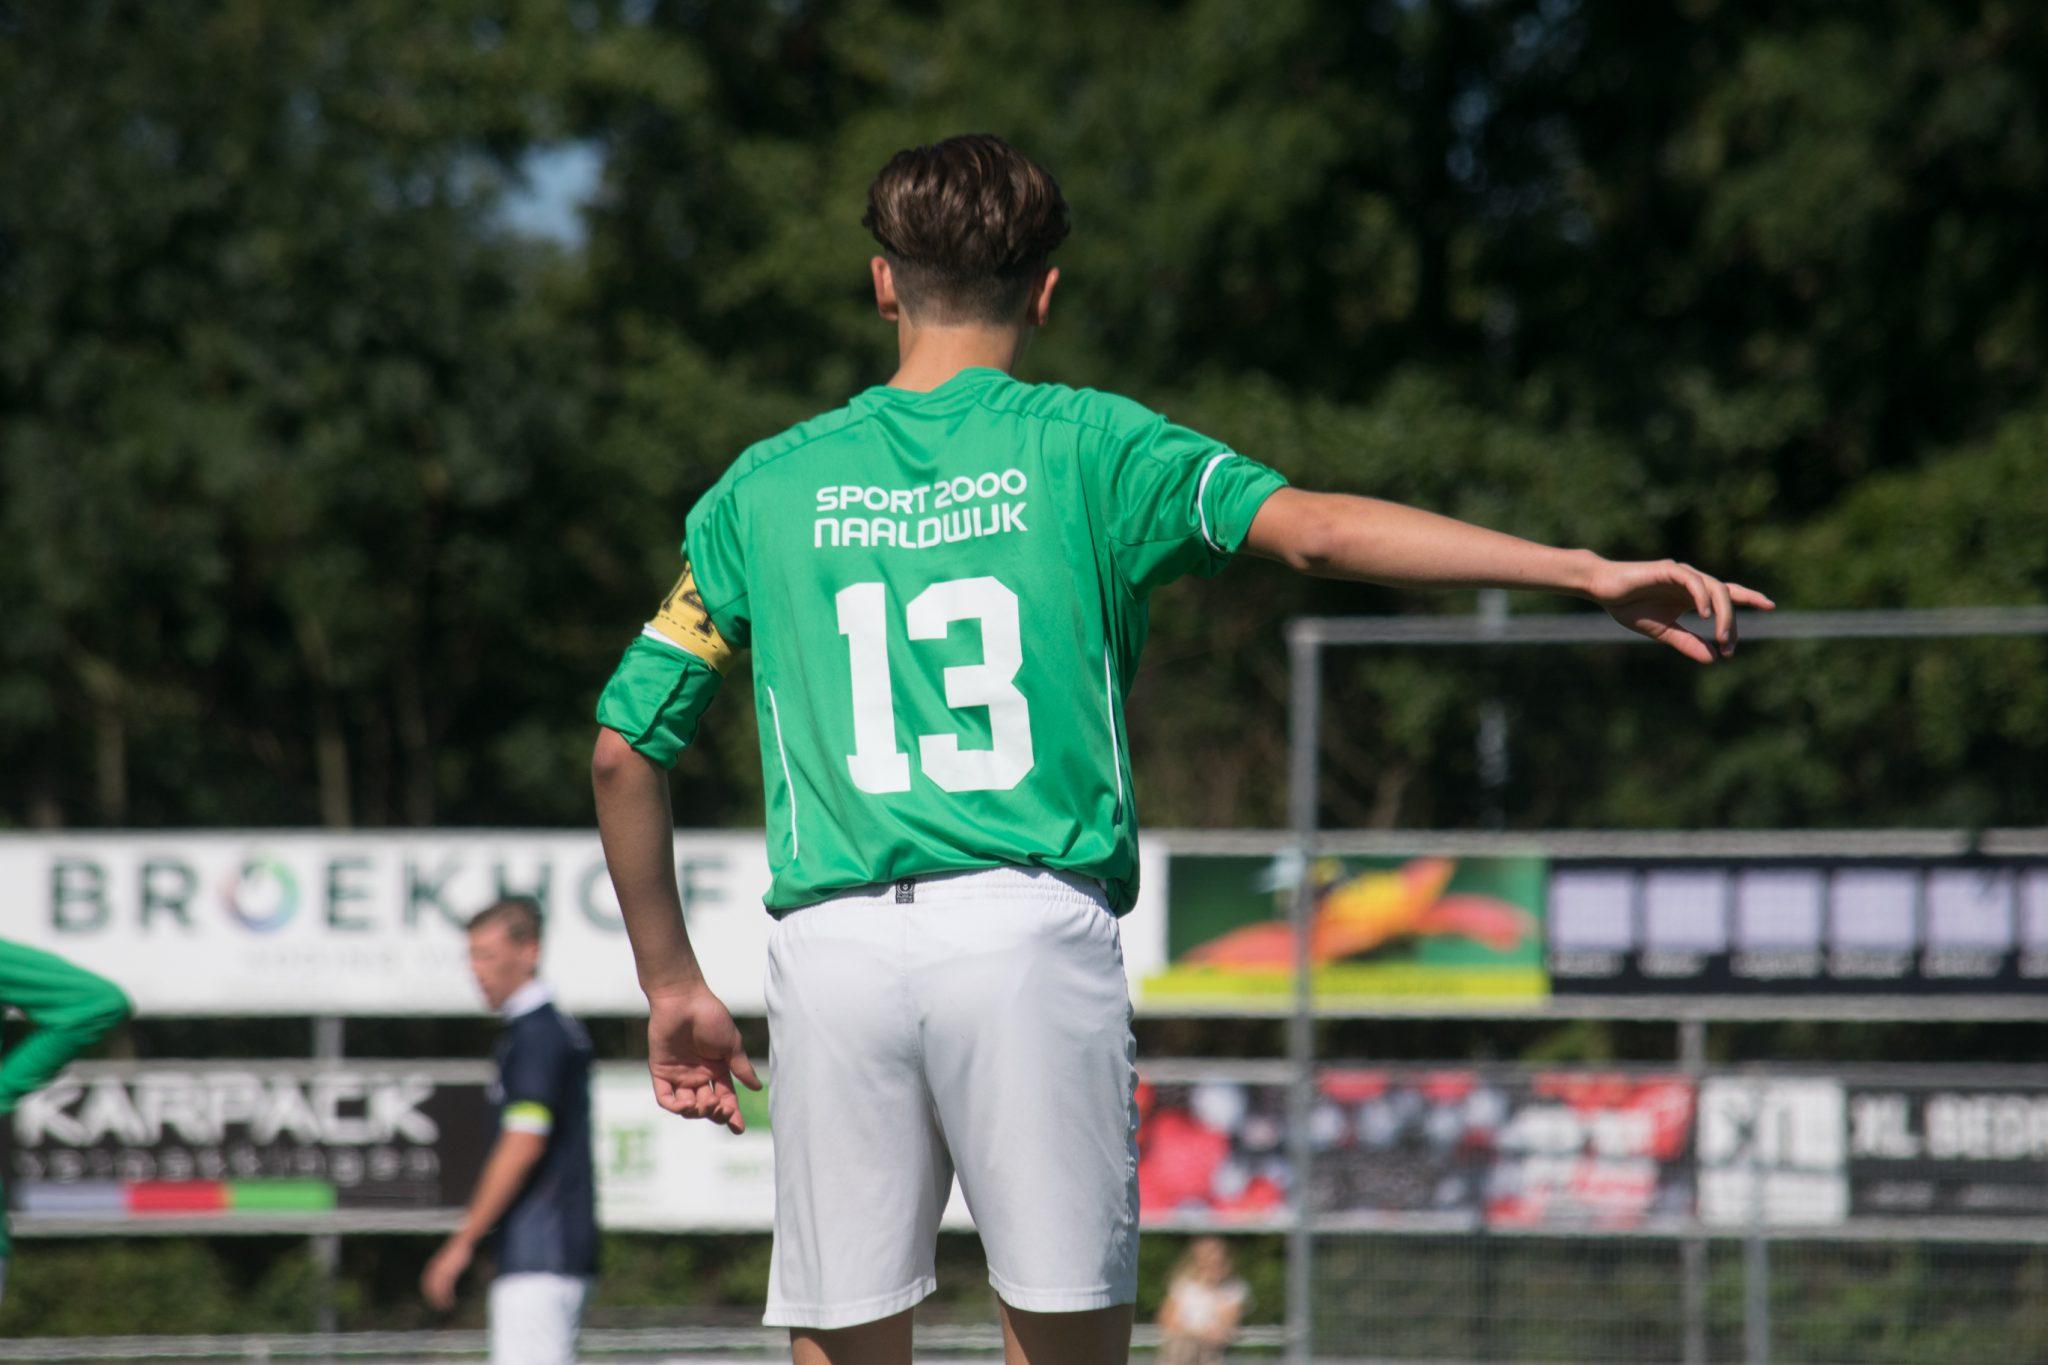 Westlandia is opzoek naar ambitieuze jeugdtrainers en coaches